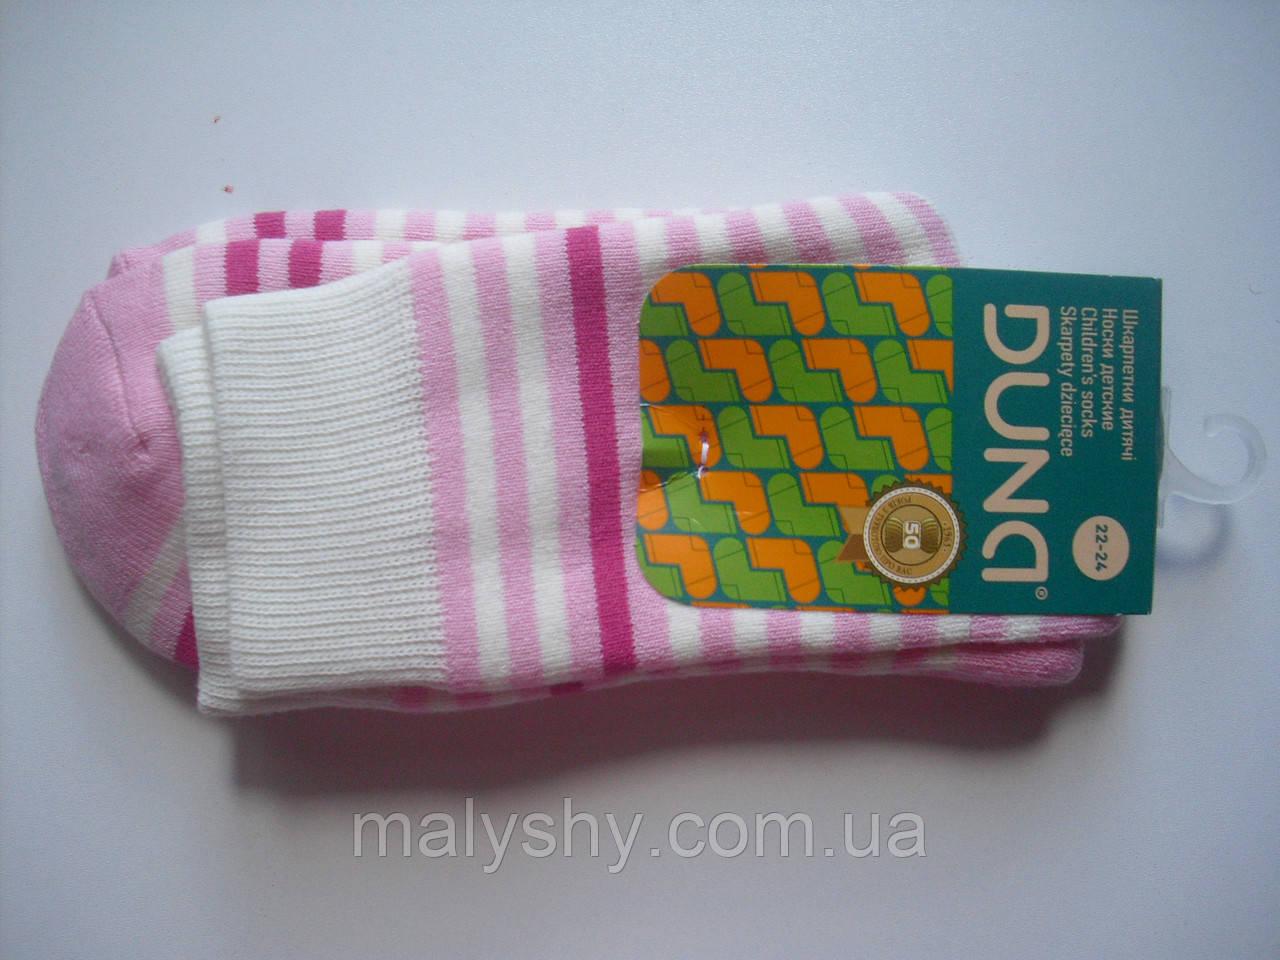 Детские носки махровые - Дюна р.22-24 (шкарпетки дитячі зимові махрові, Duna) 12в417-1613 розовый